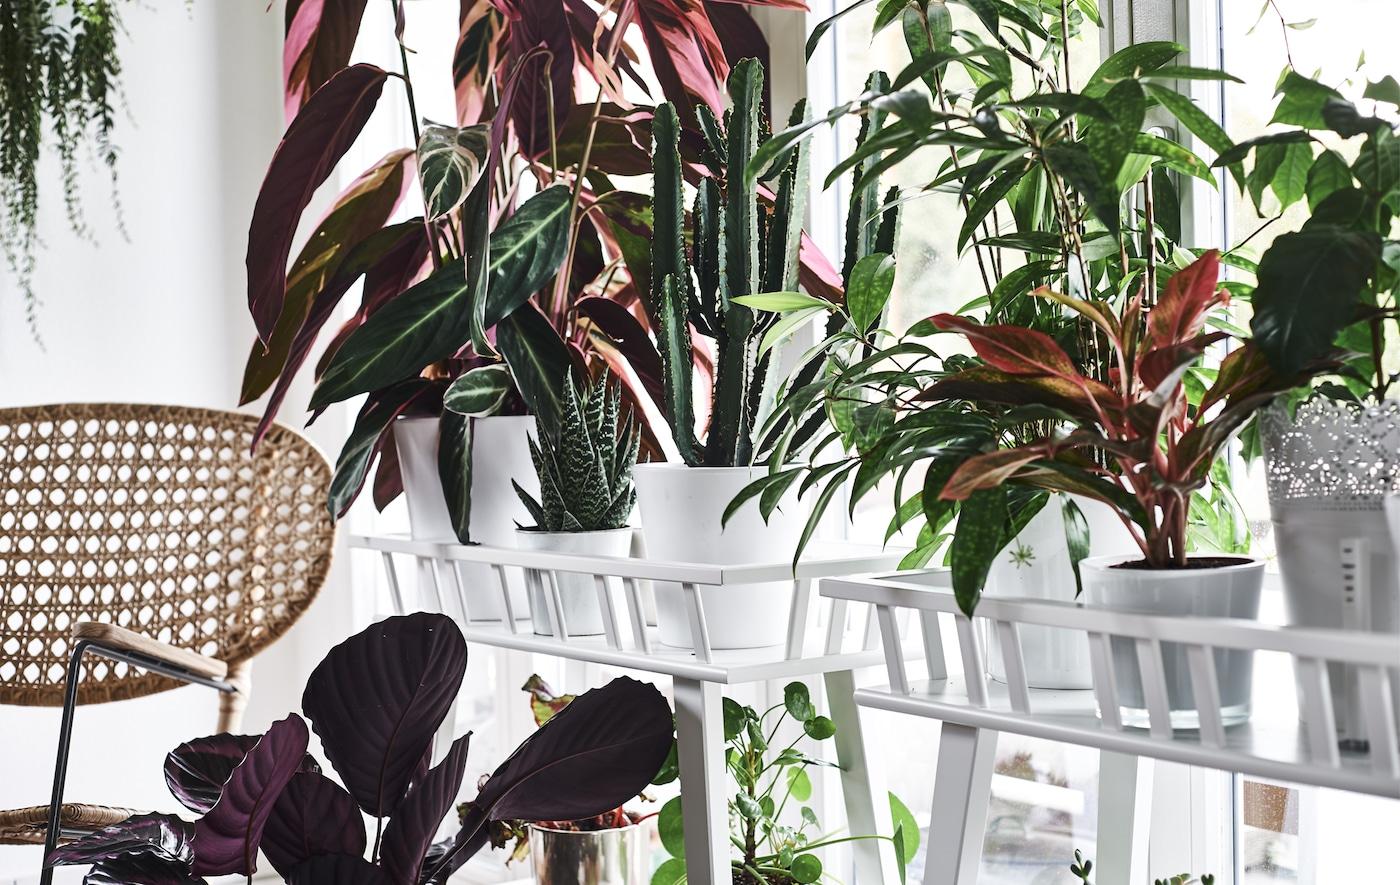 Bunte Pflanzen auf einem Blumenständer vor einem Fenster neben einem Stuhl